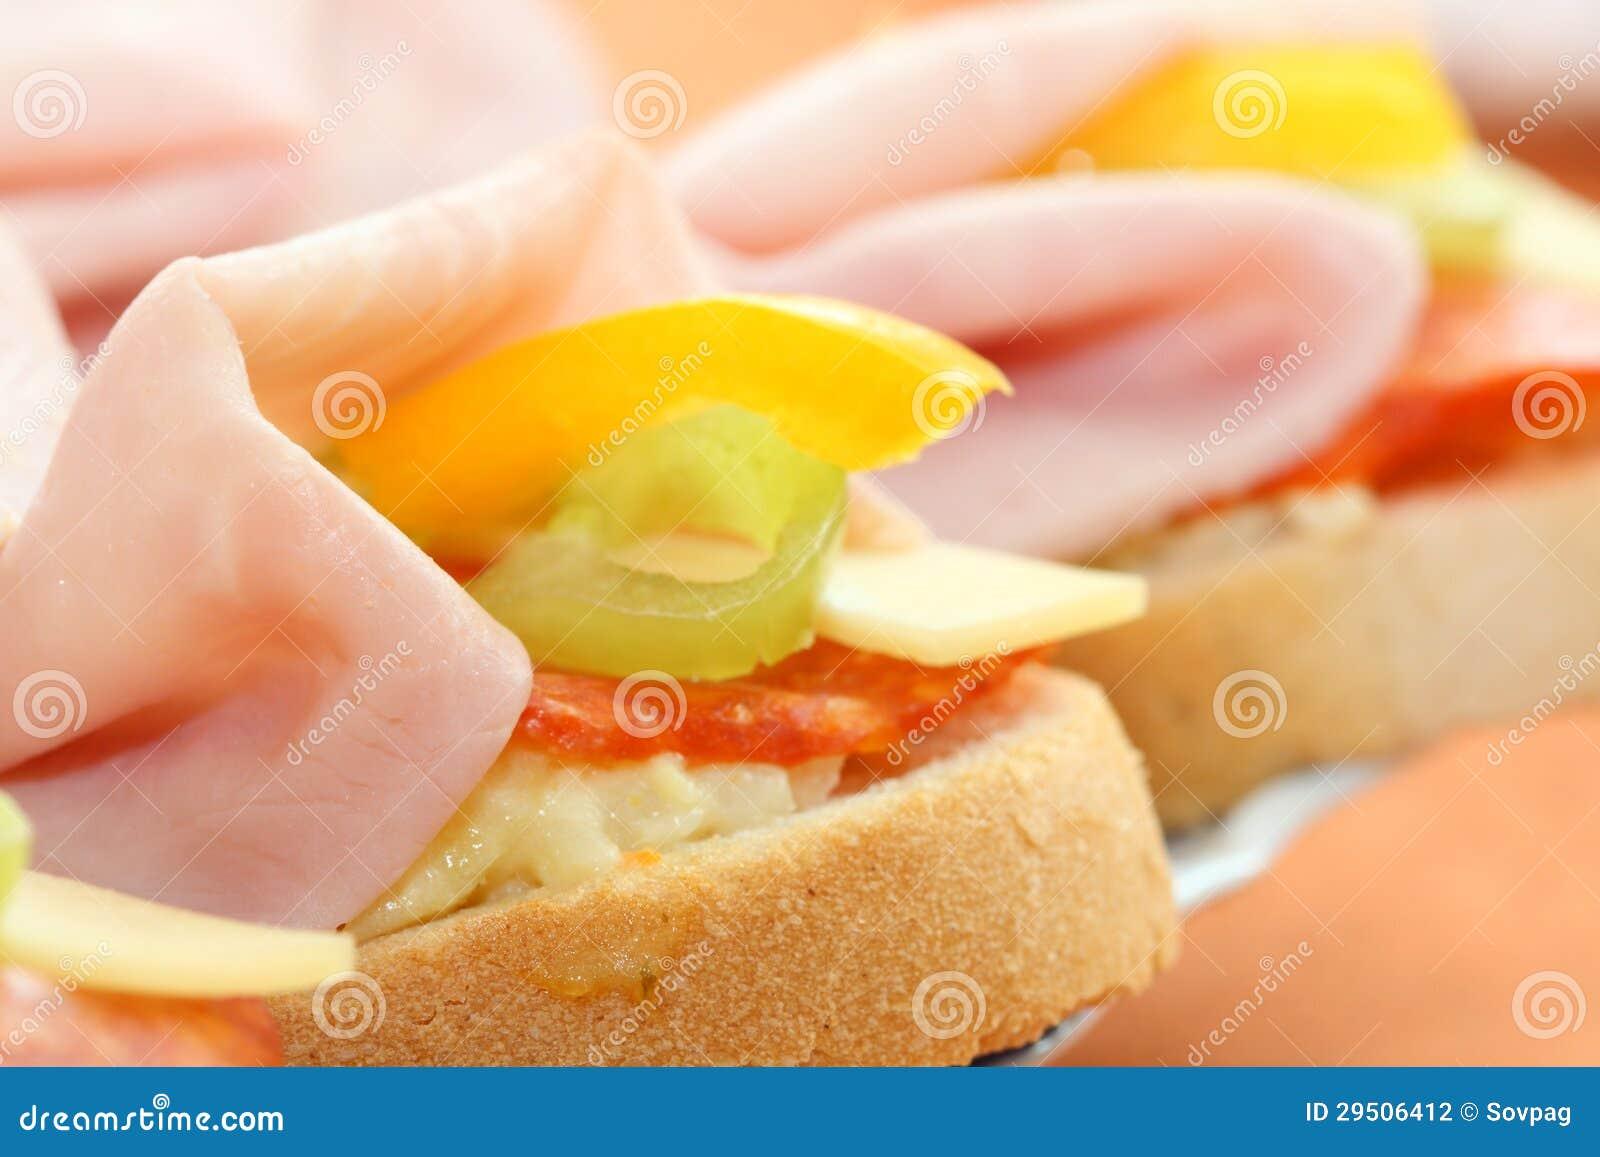 Plakken van Stokbrood met salade